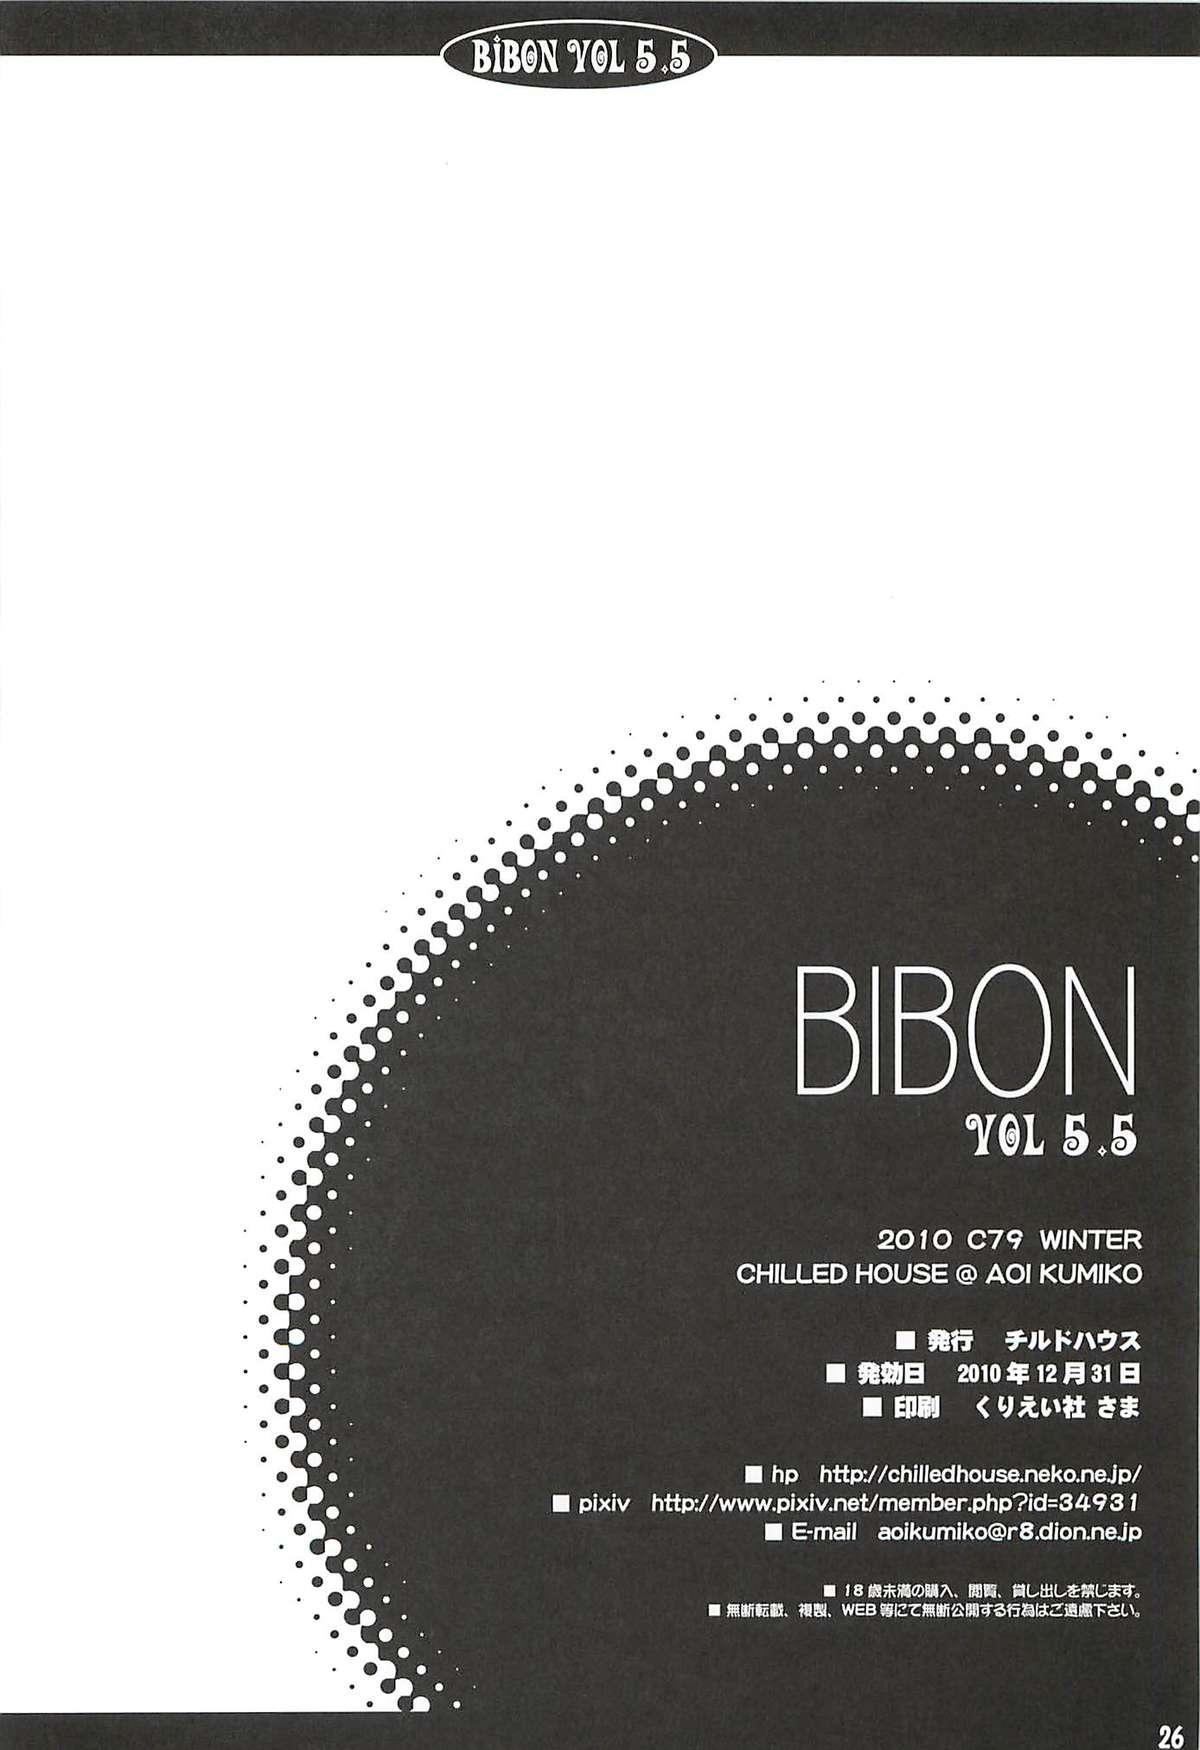 BIBON Vol. 5.5 23